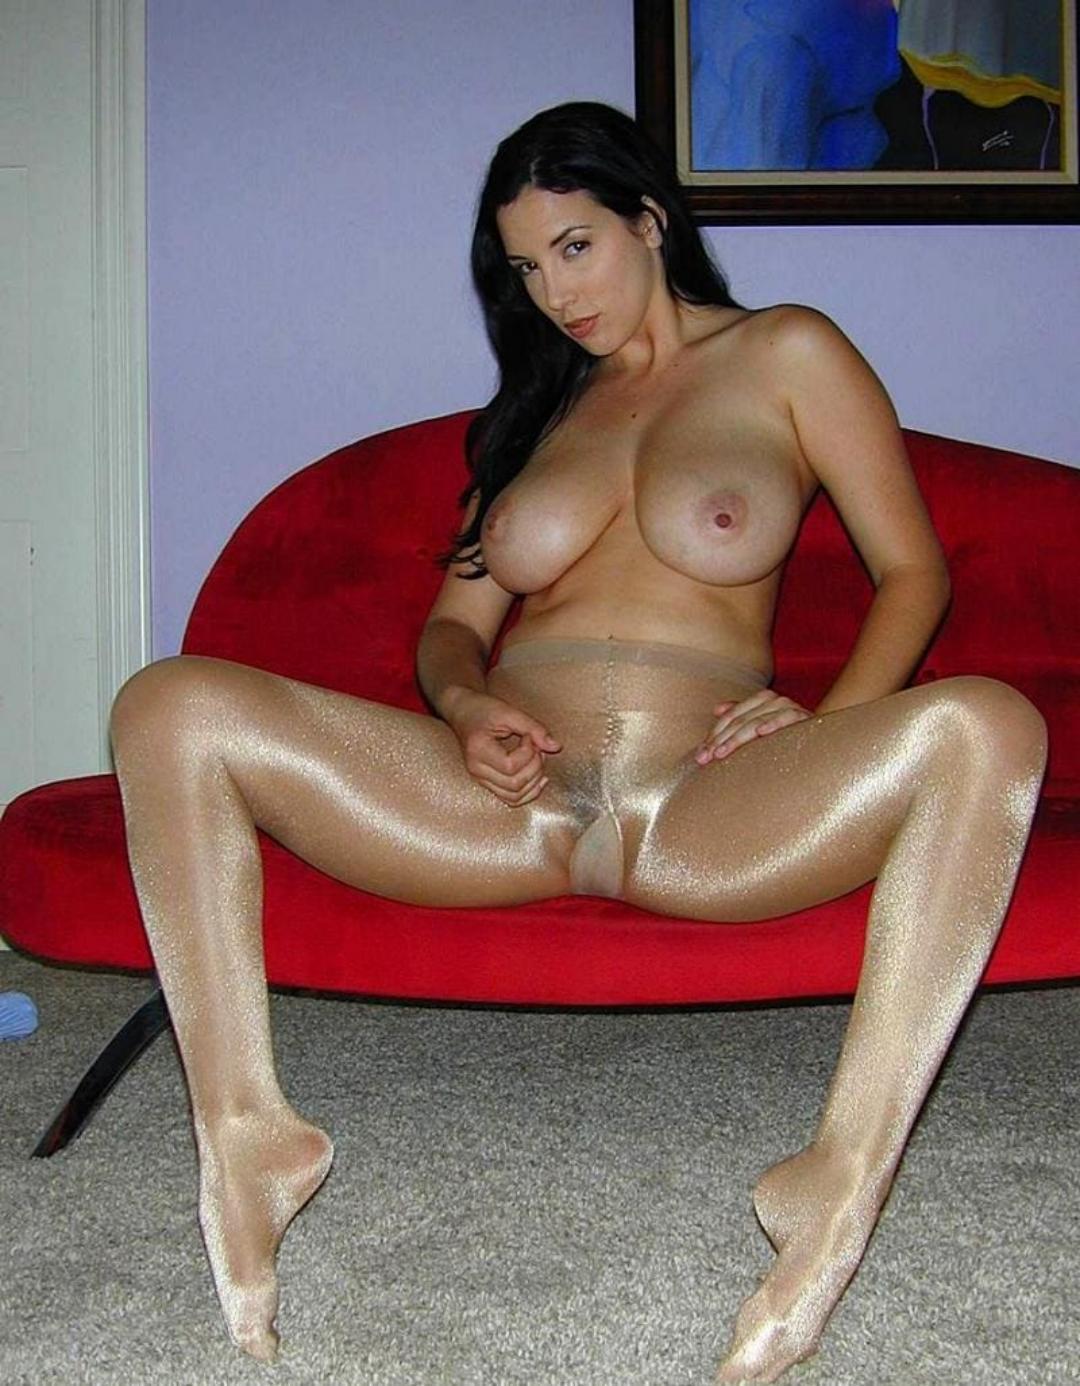 девушки в блестящих колготках широко раздвинула ноги голая брюнетка с длинным волосом сидит на красном мини диване